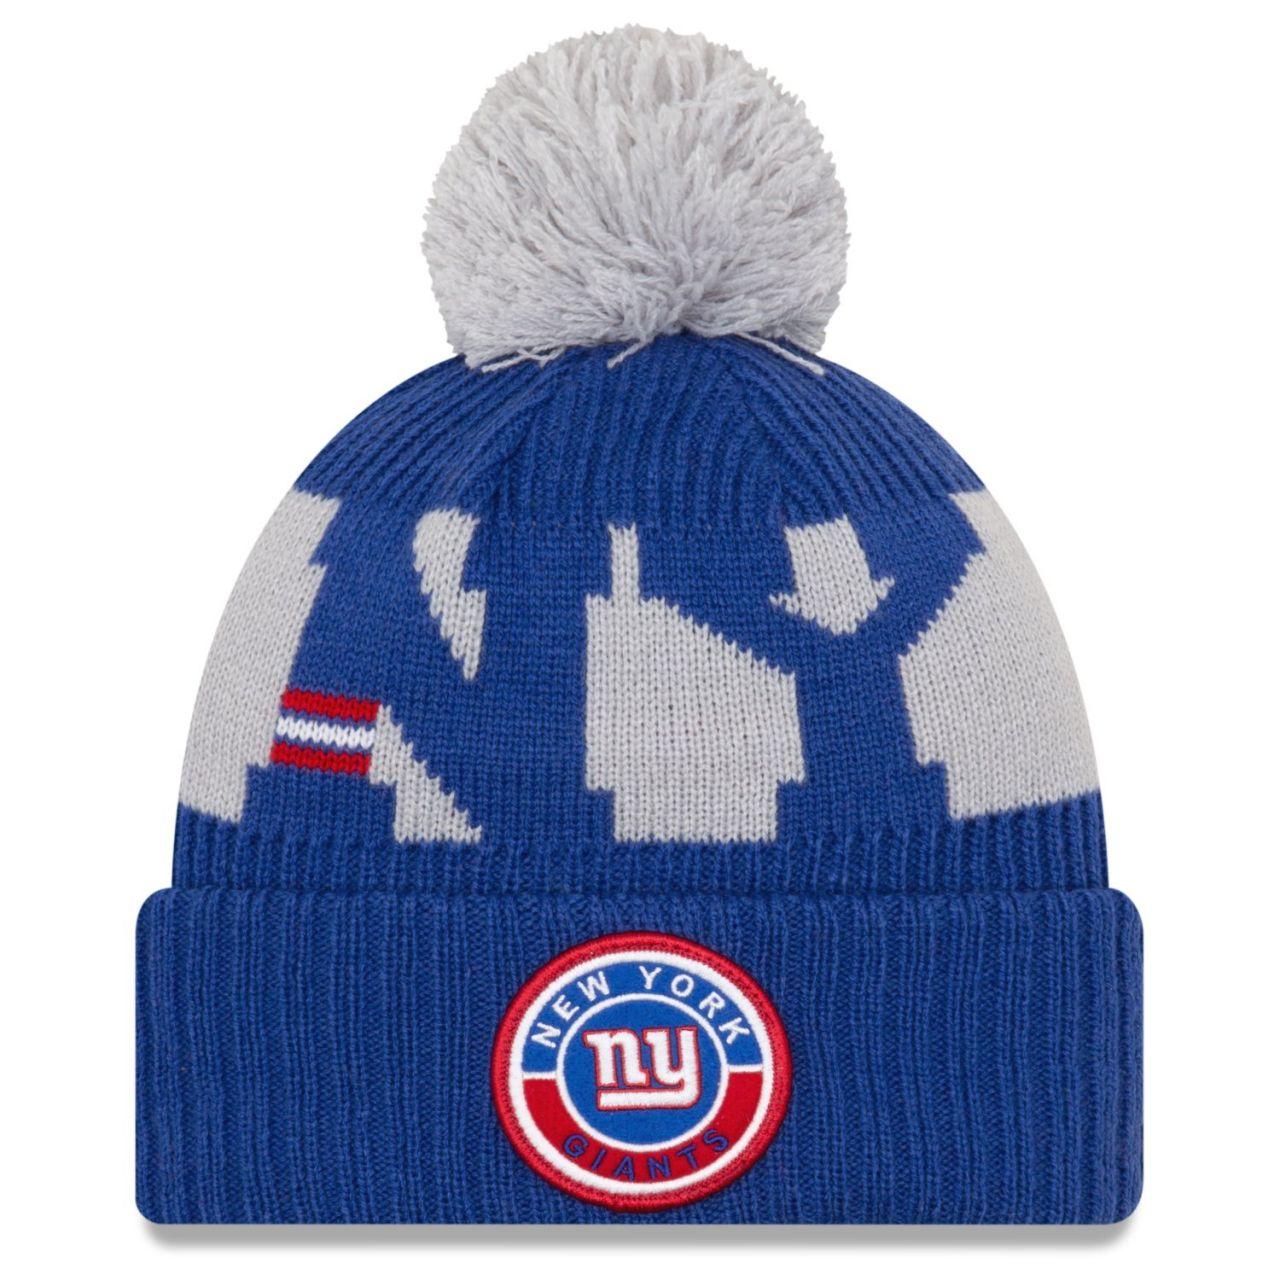 amfoo - New Era NFL ON-FIELD Sideline Mütze - New York Giants